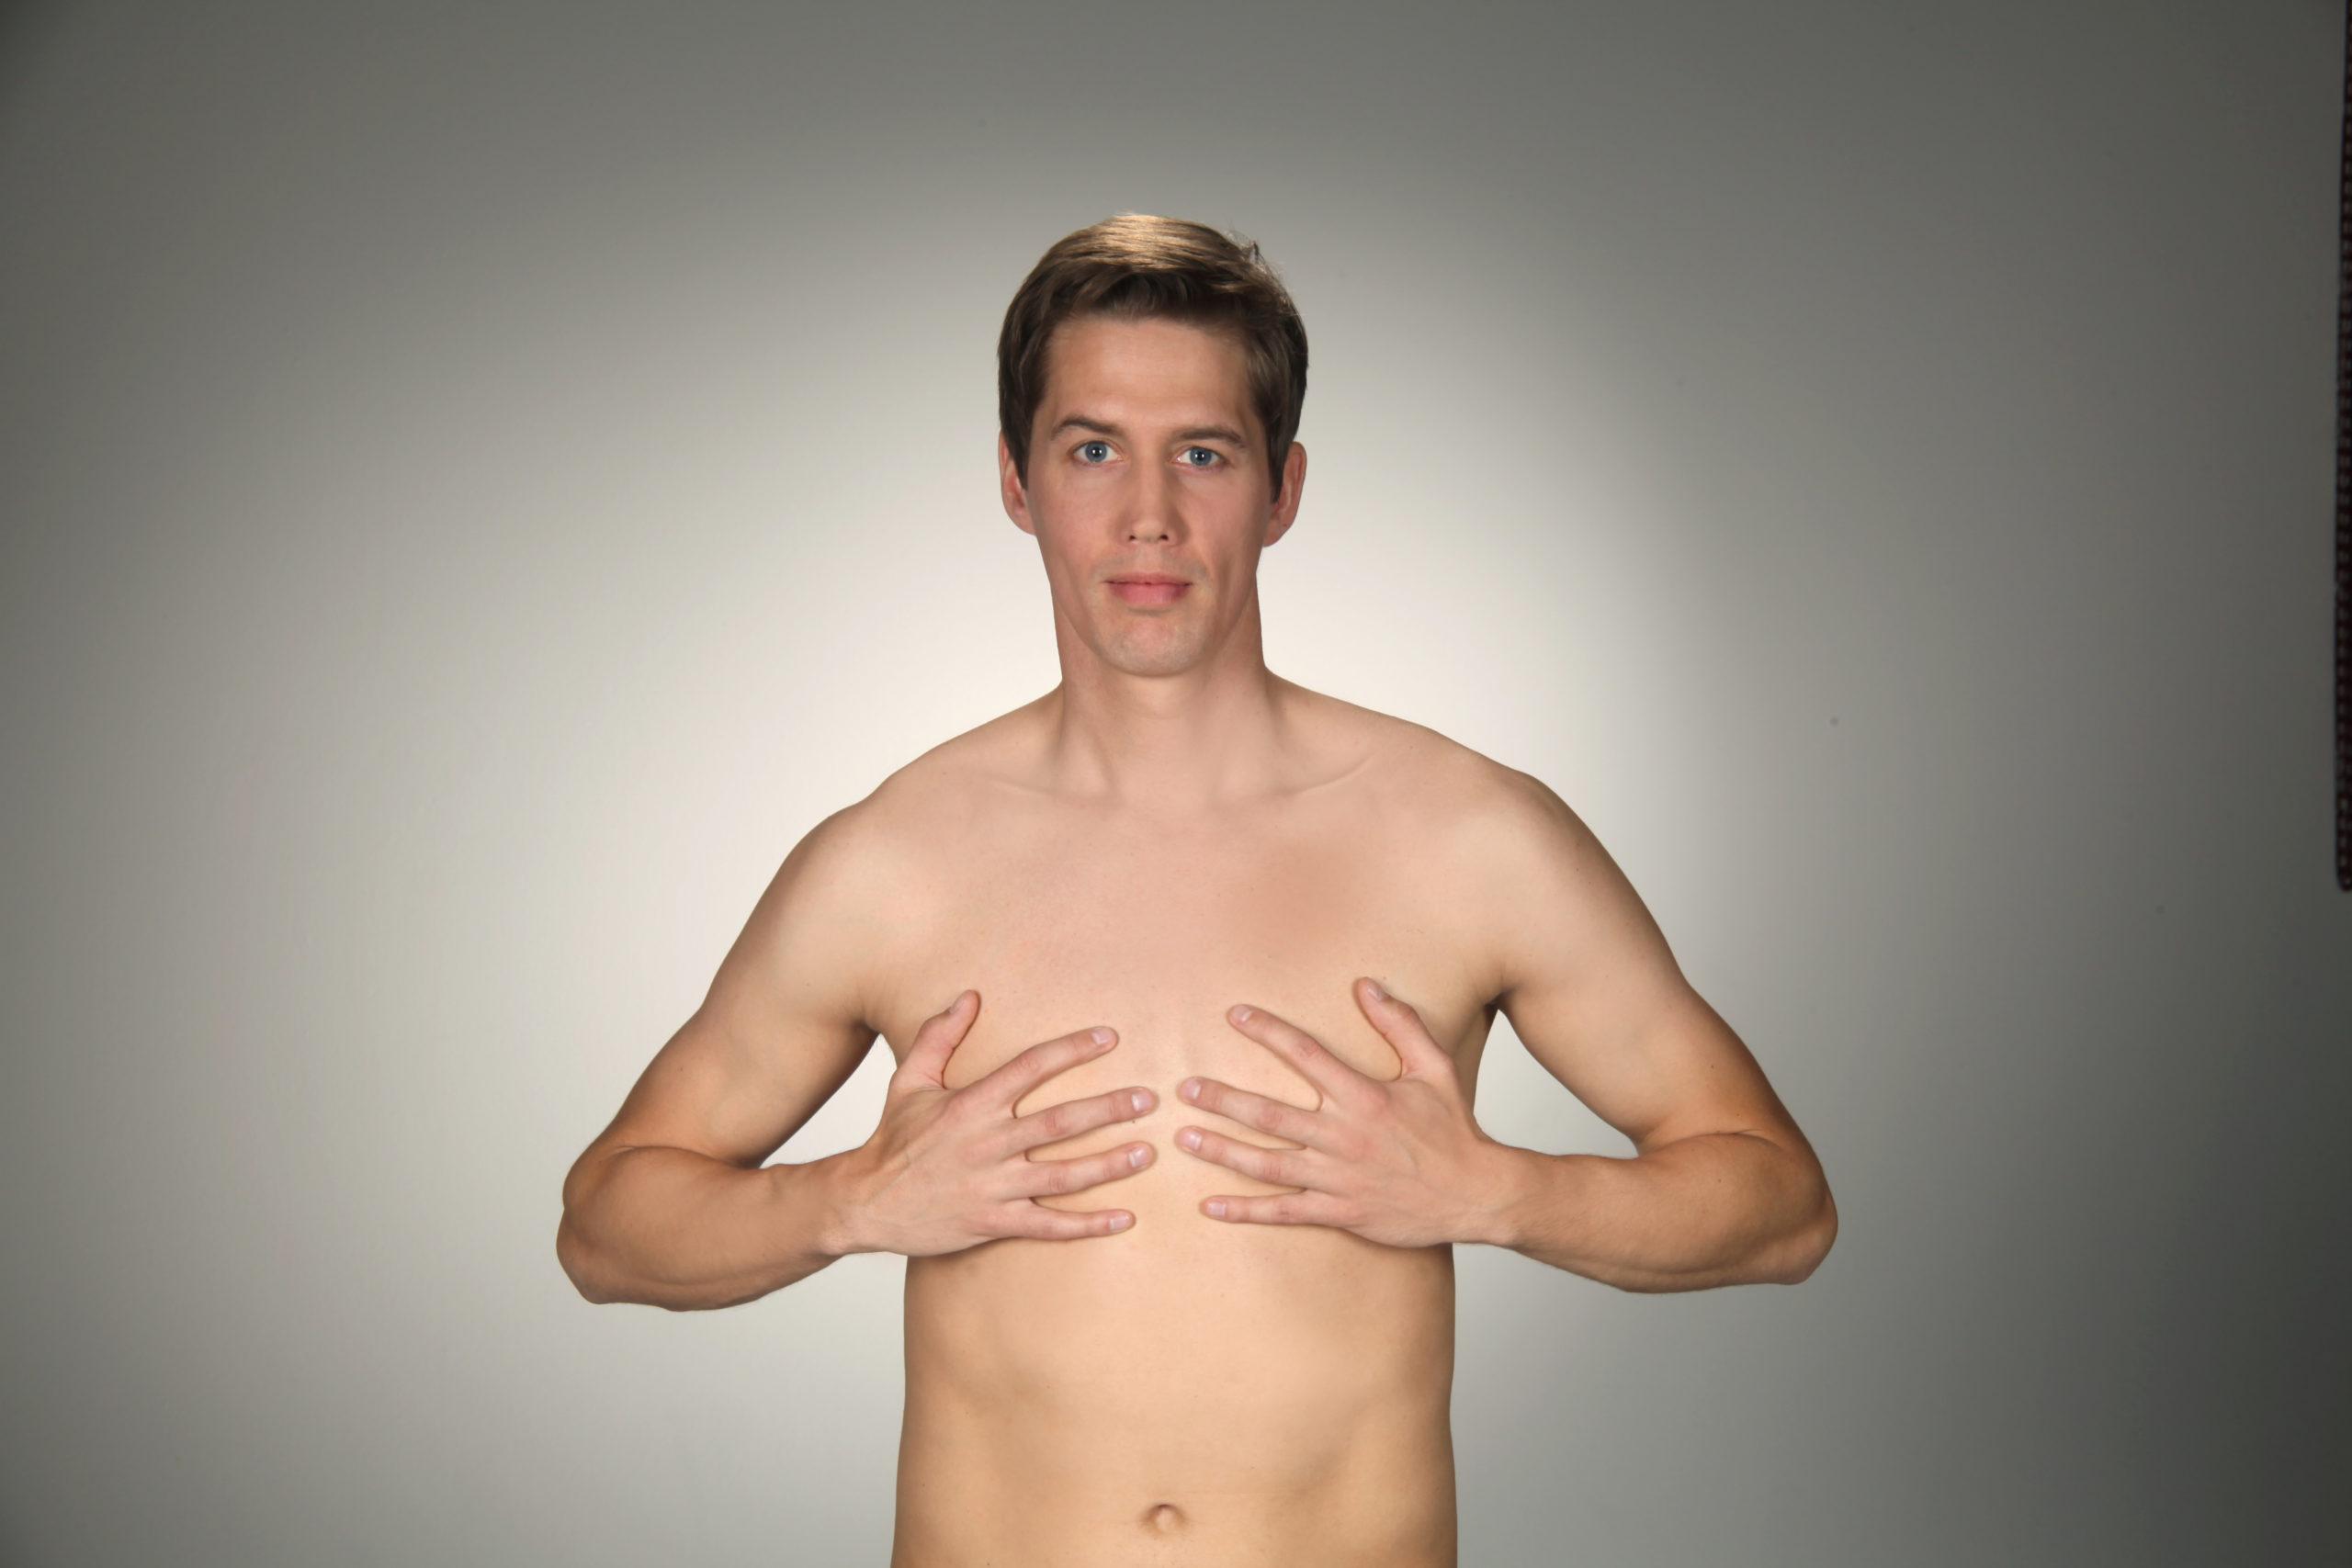 Kosmetische Gesichtsmassage - Rippenansätze am Brustbein kneten